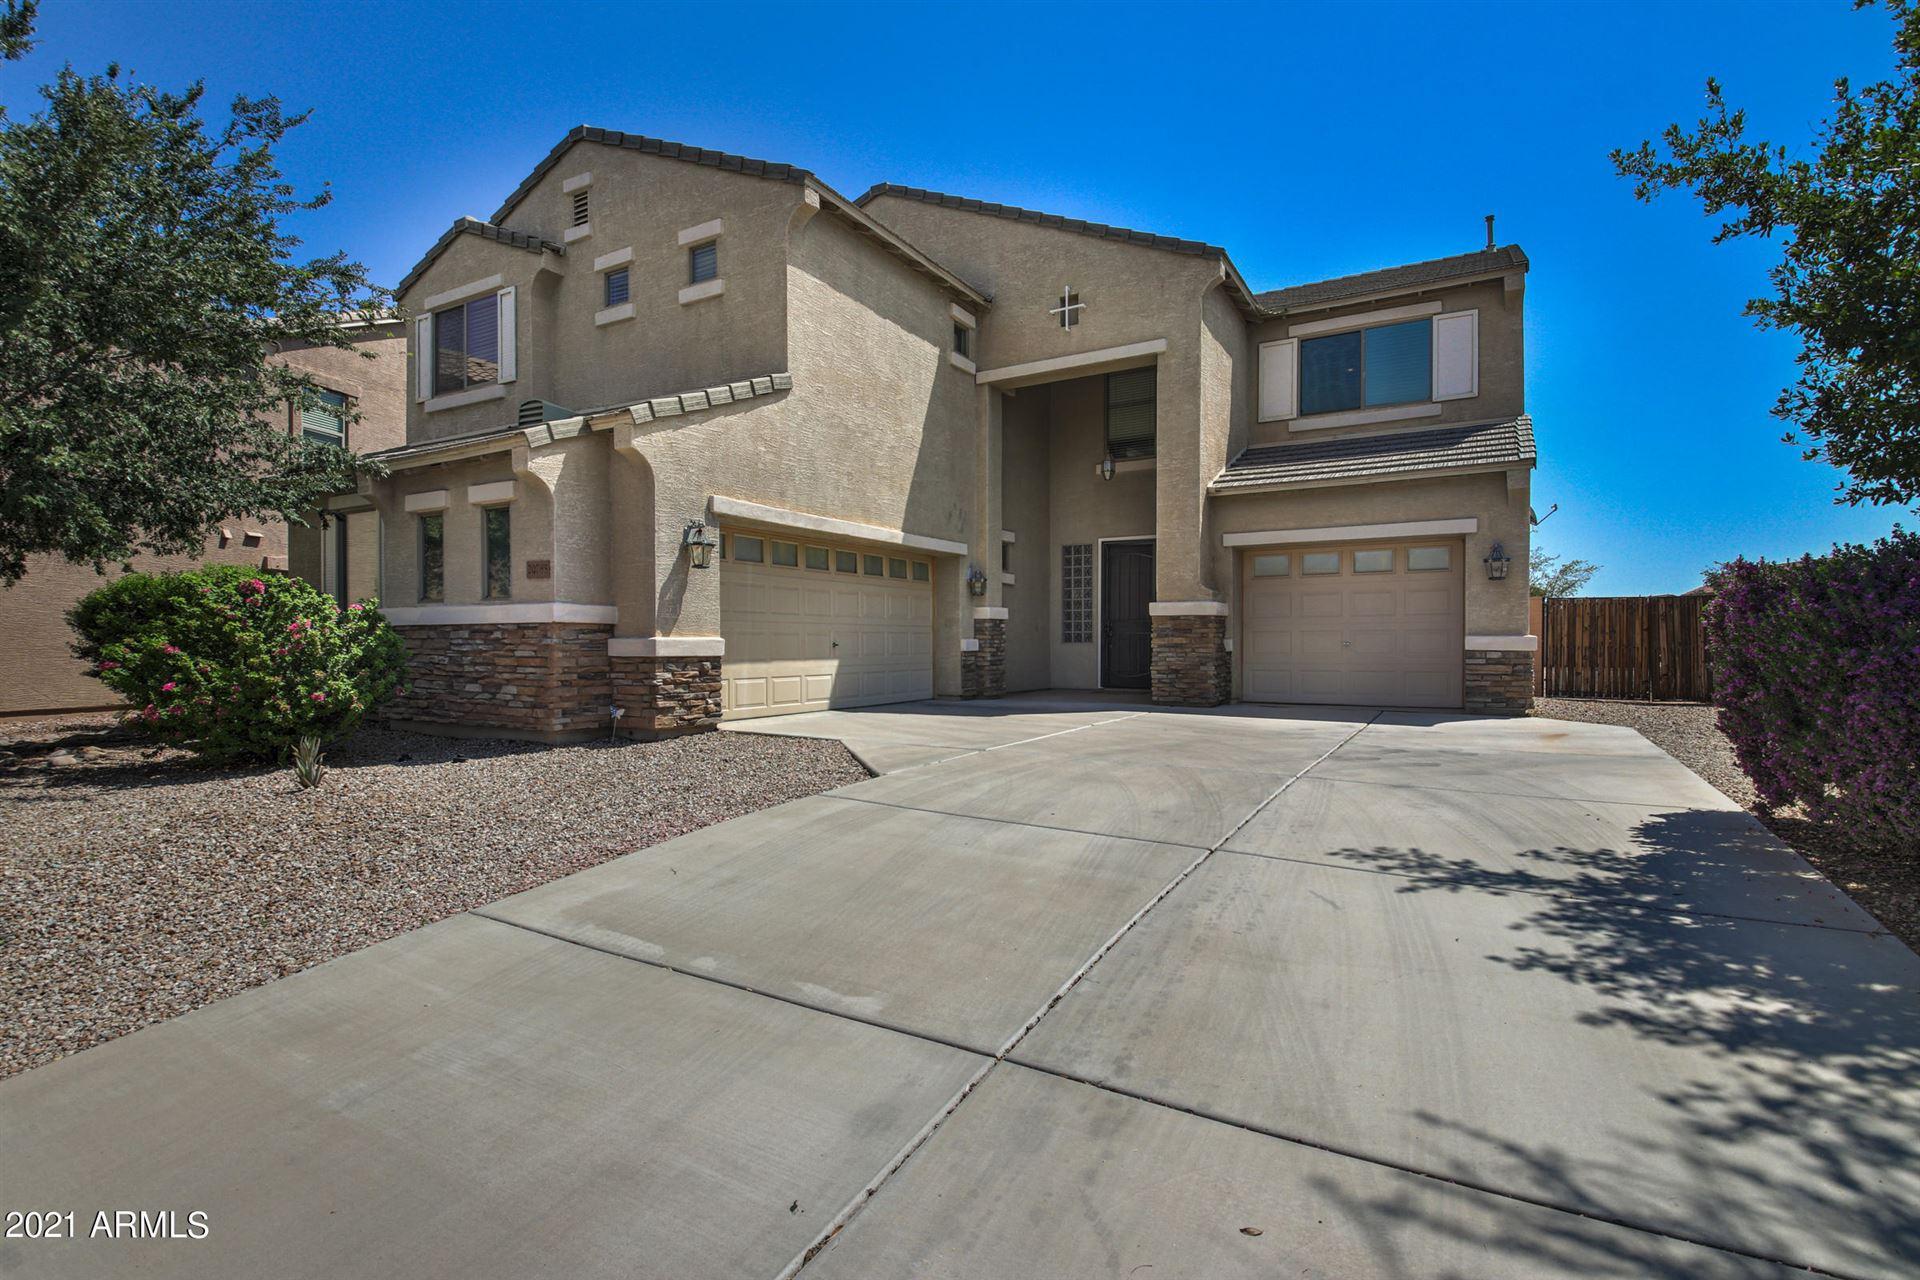 Photo for 20785 N DANIELLE Avenue, Maricopa, AZ 85138 (MLS # 6273582)